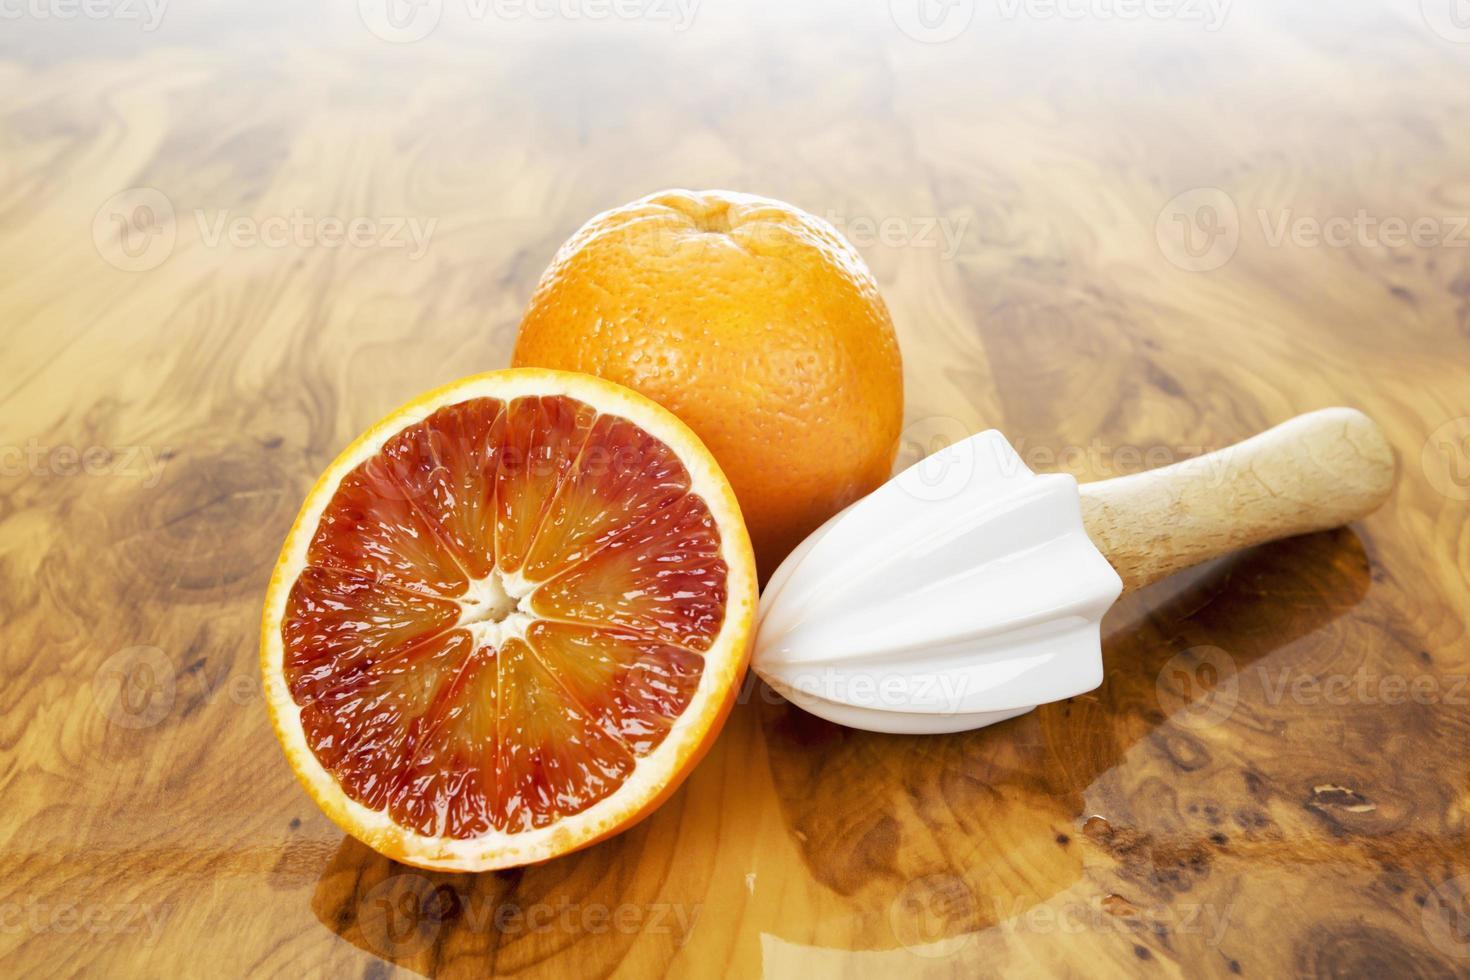 grapefrukt, juicepress med trähandtag på trä foto